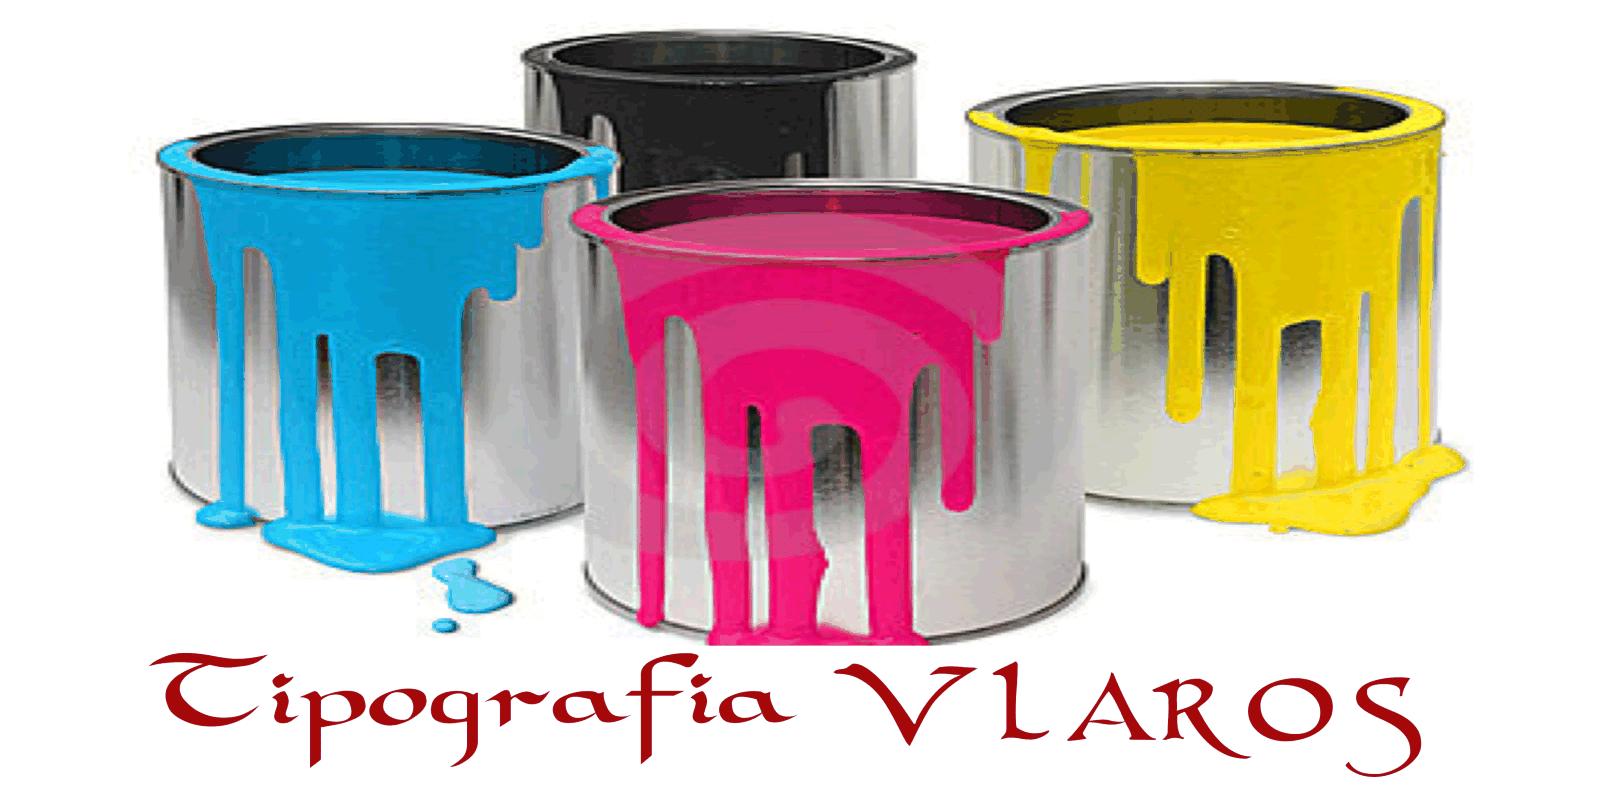 Facturier A5 cu TVA personalizat color ieftin